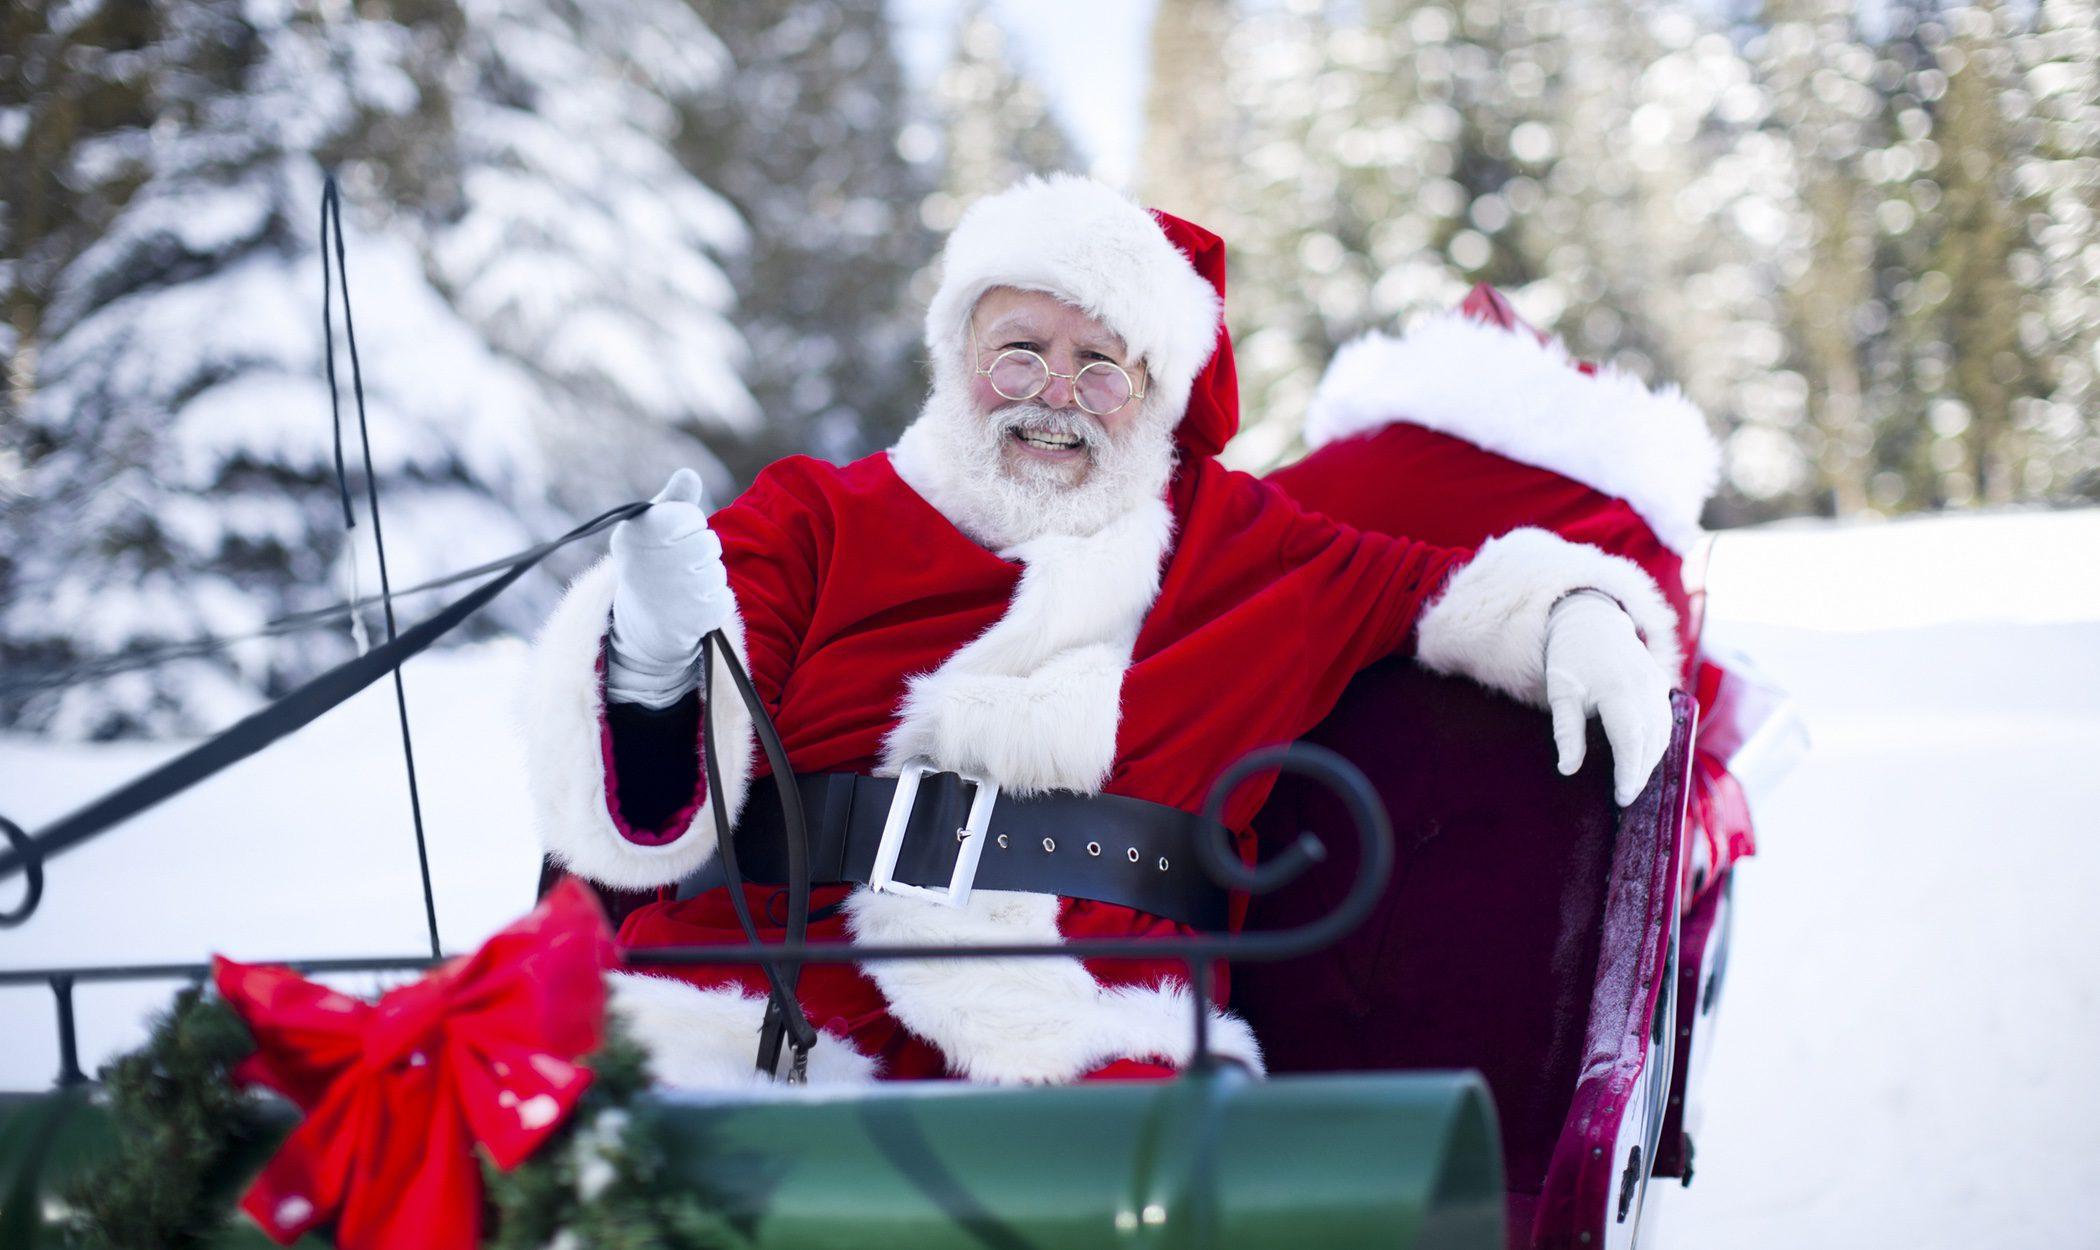 Laponia o Groenlandia, ¿De dónde viene Papá Noel?